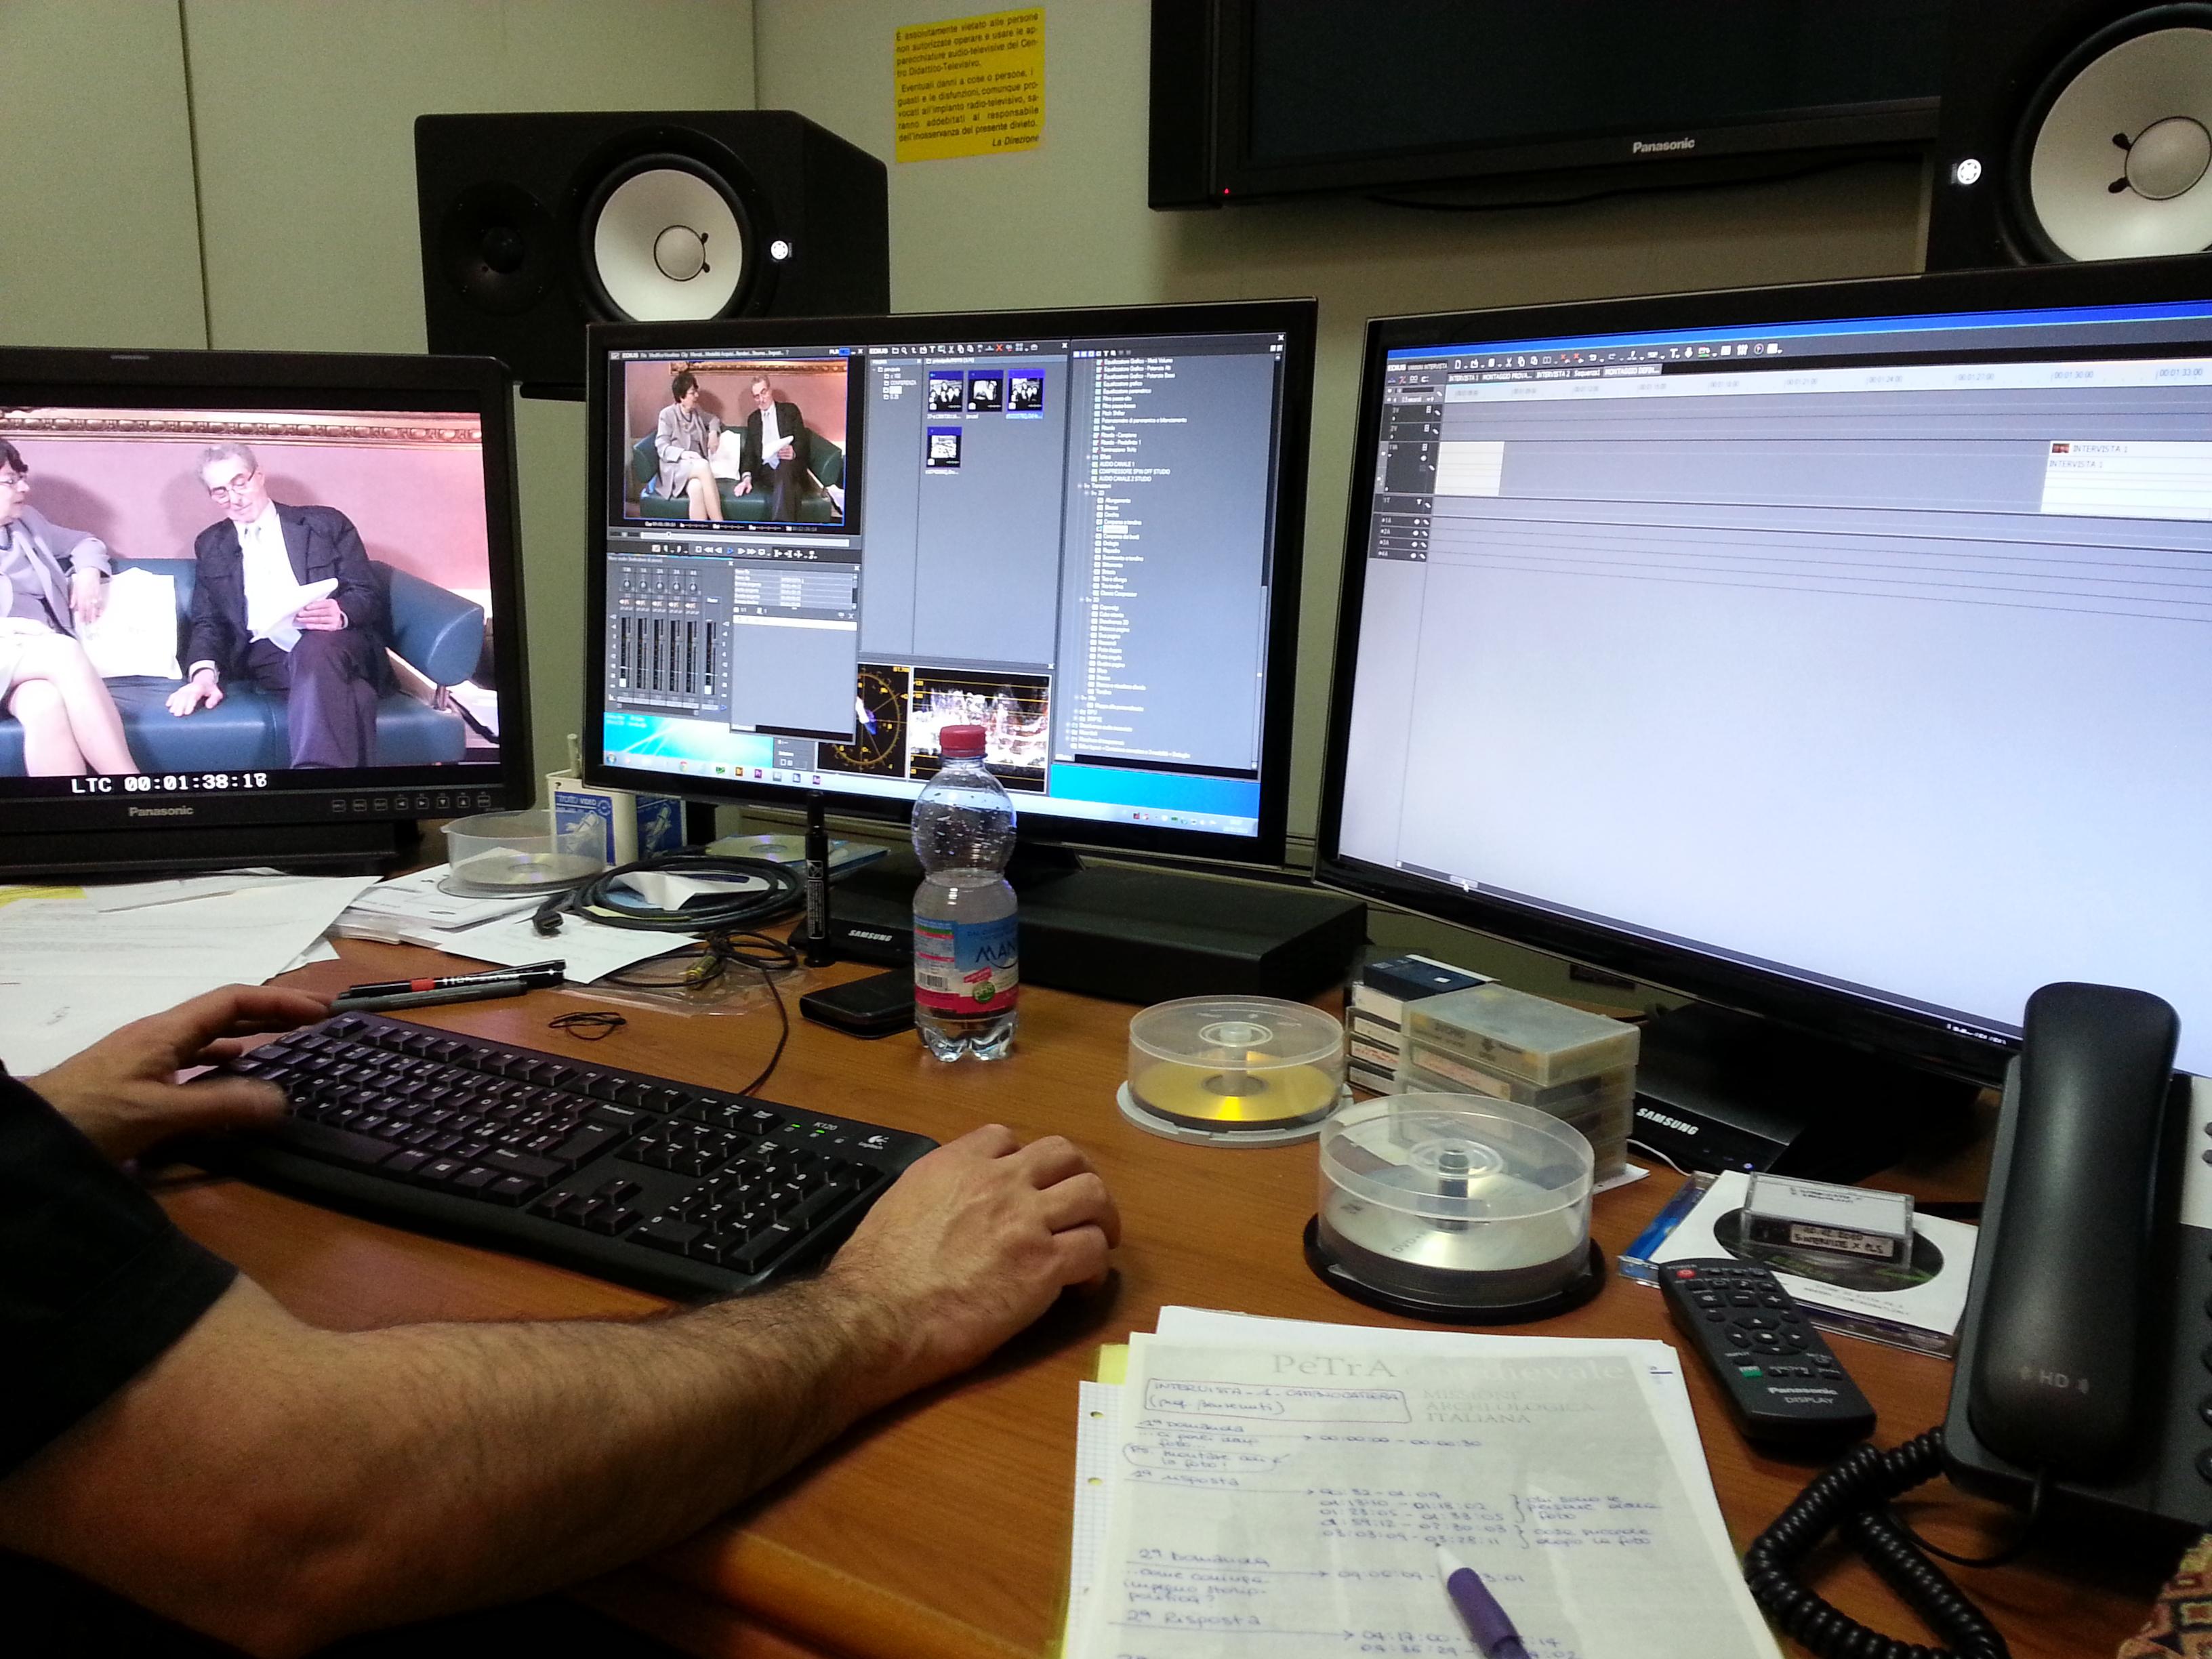 Il montaggio dell'intervista presso la sede del Servizio Produzione Contenuti Multimediali di Rifredi.